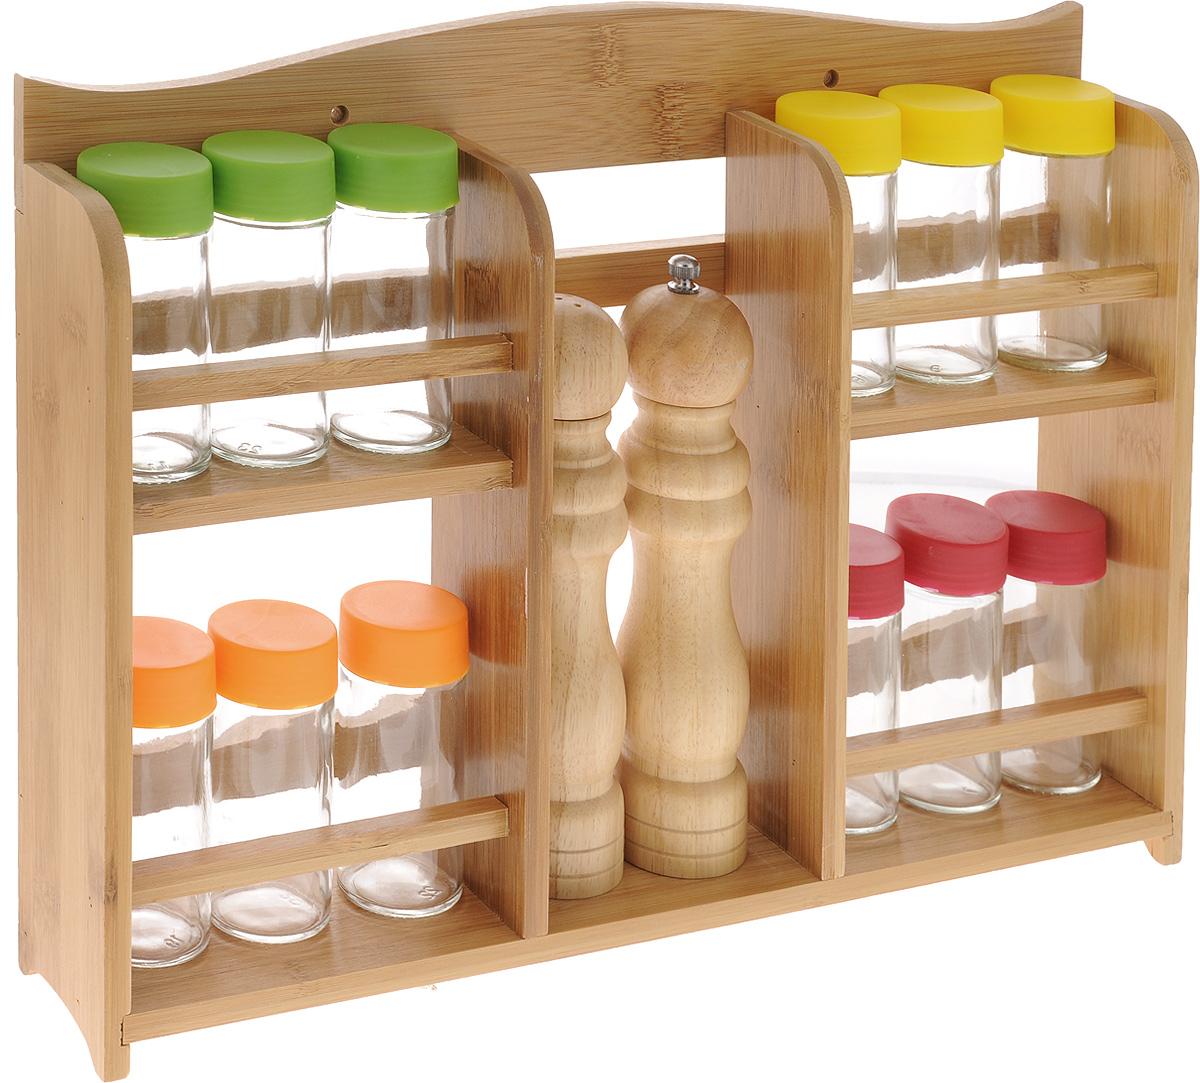 Набор для специй Mayer & Boch, 15 предметов. 2325923259Набор Mayer & Boch состоит из 12 баночек для специй, мельницы для перца, солонки и подставки. Баночки для специй, выполненные из прозрачного стекла, имеют завинчивающиеся цветные пластиковые крышки и перфорированные пластиковые насадки, позволяющие удобно приправлять блюда специями, не опасаясь рассыпать их. Мельница для перца и солонка изготовлены из каучукового дерева. Предметы набора компактно размещаются на бамбуковой двухъярусной подставке. Ее можно закрепить на стене с помощью саморезов (входят в комплект). Очень удобно, когда во время приготовления пищи все приправы под рукой! Набор для специй Mayer & Boch впишется в любой интерьер кухни, а также станет отличным подарком каждой хозяйке. Диаметр баночки (по верхнему краю): 4 см. Высота баночки (с учетом крышки): 10 см. Объем баночки: 100 мл. Диаметр солонки: 5 см. Высота солонки: 20 см. Диаметр мельницы: 5 см. Высота мельницы: 21,5 см. ...